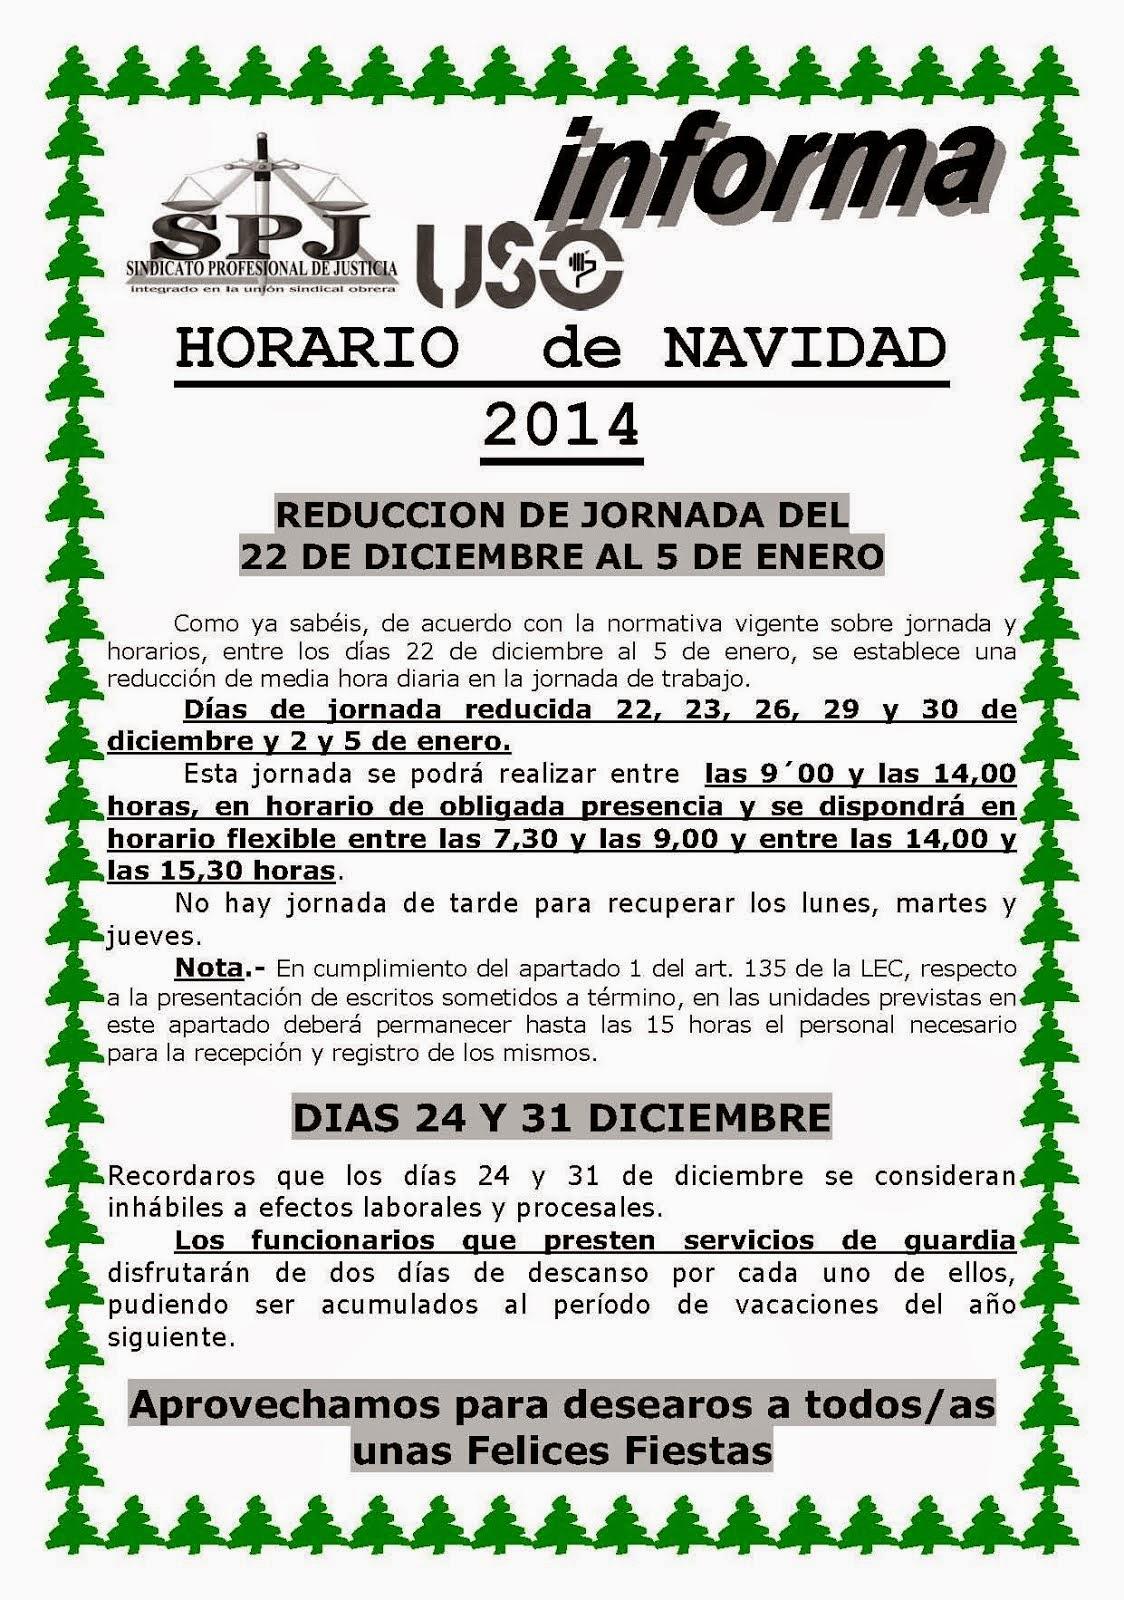 HORARIO NAVIDAD 2014